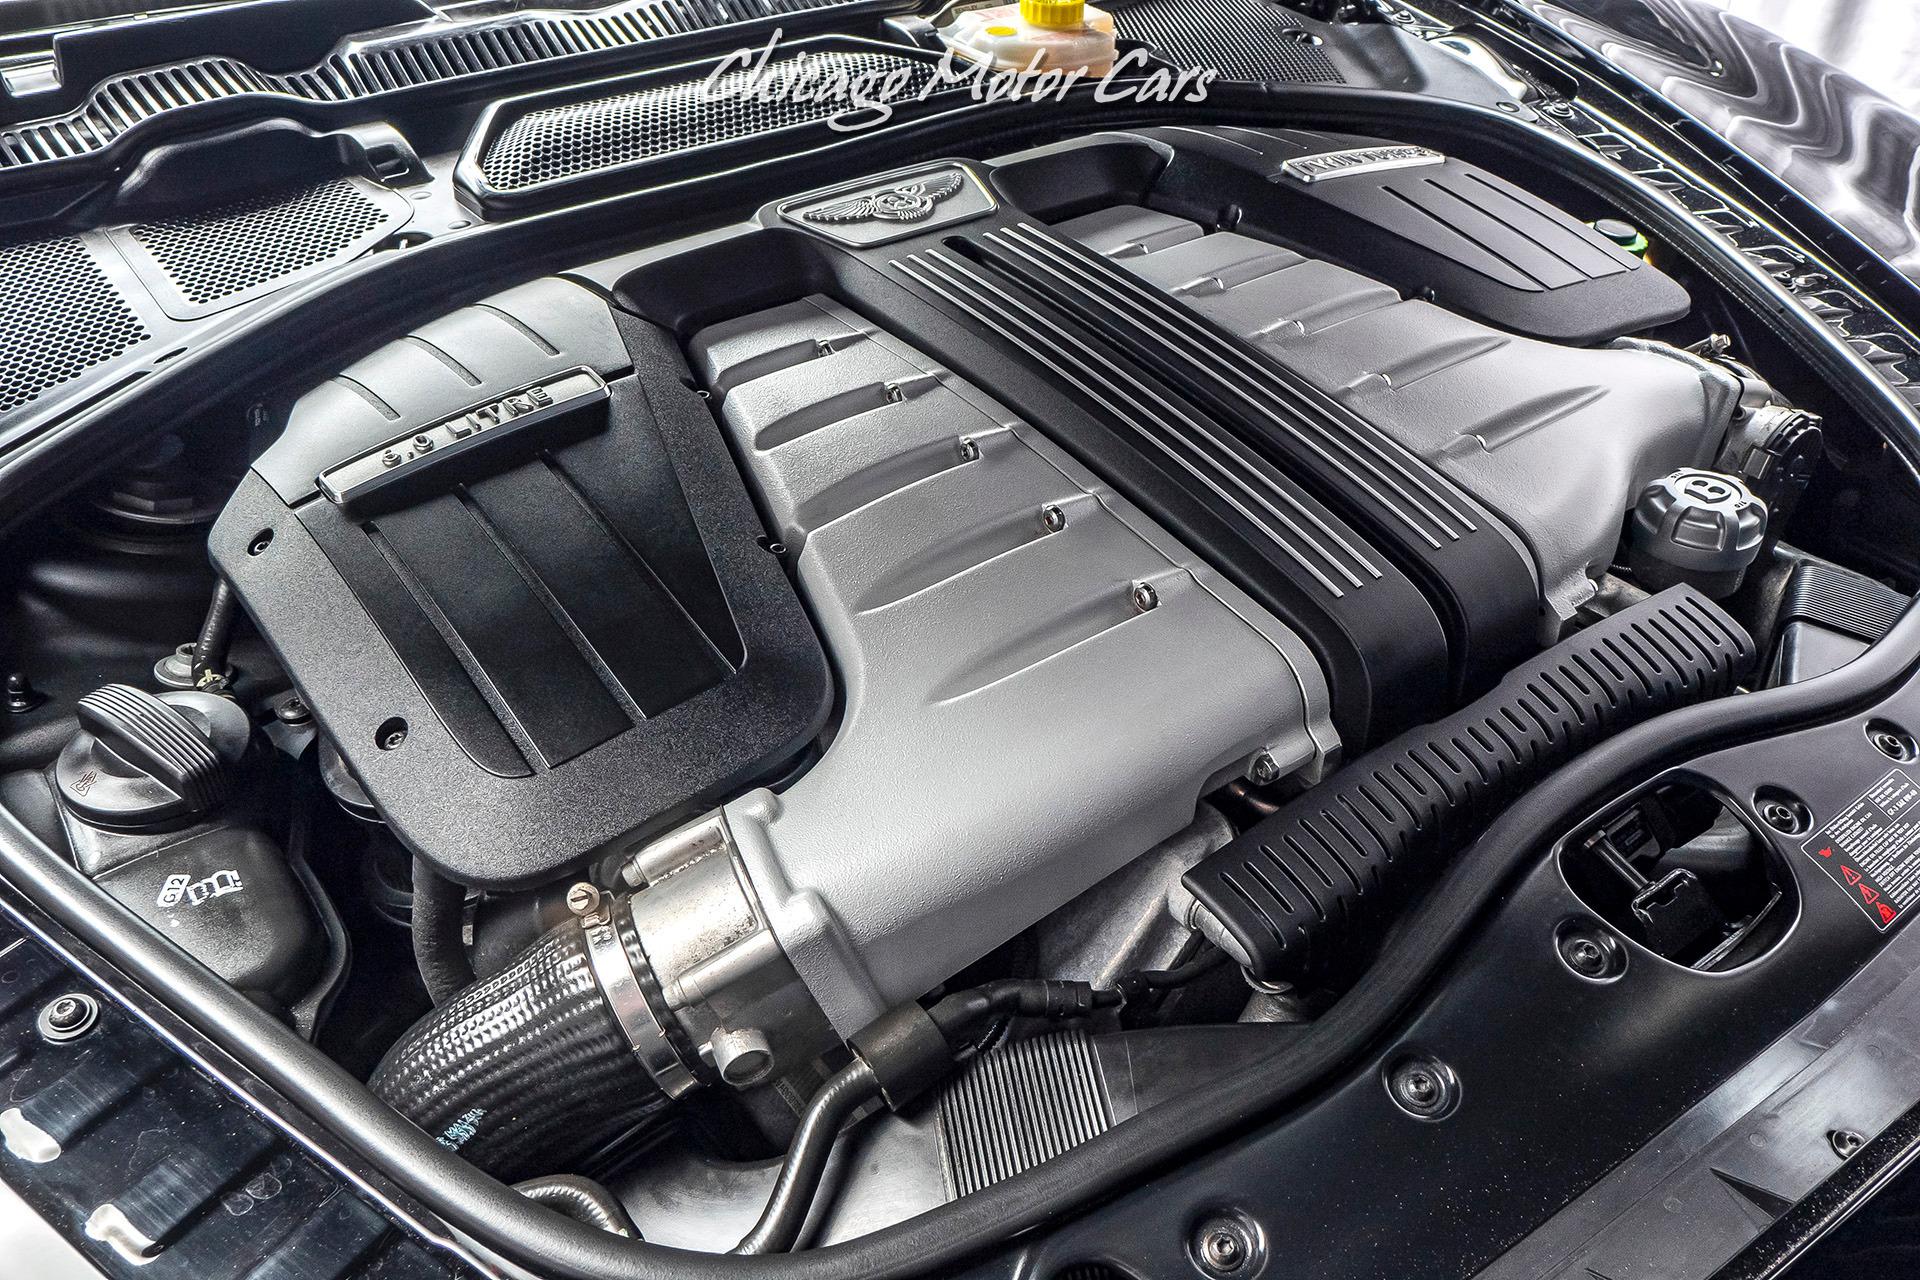 Used-2015-Bentley-Flying-Spur-W12-Sedan-LOADED-Serviced-616-HP